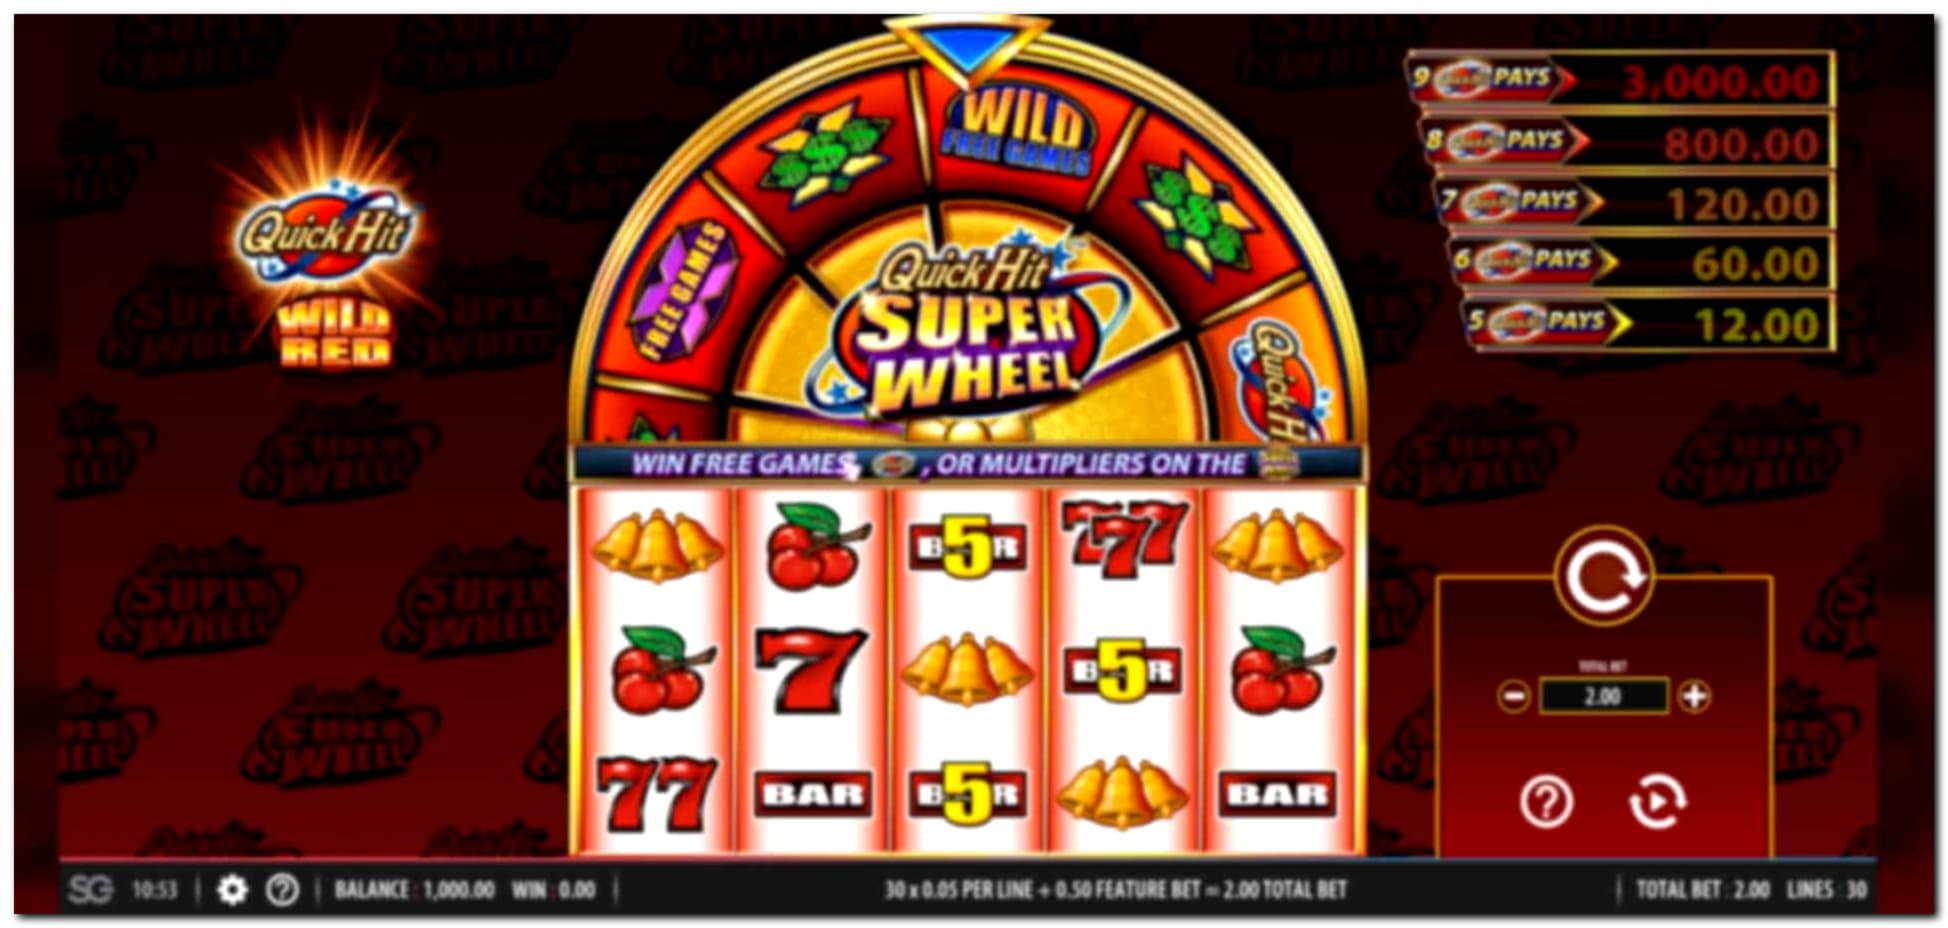 BGOカジノのEUR 455カジノチップ